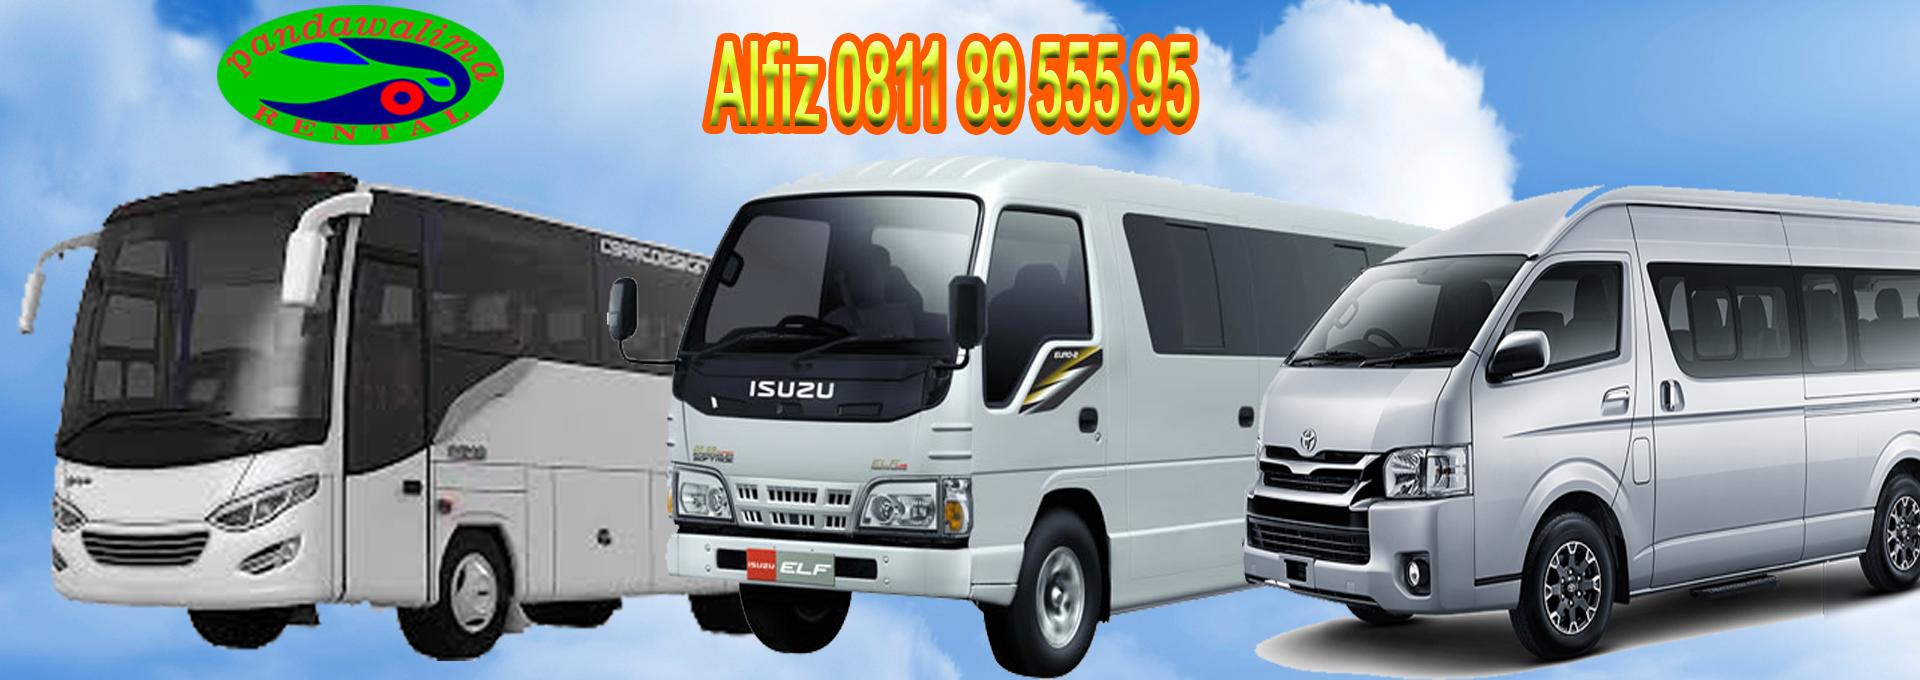 RENTAL MOBIL - Alfiz 0811 8955595